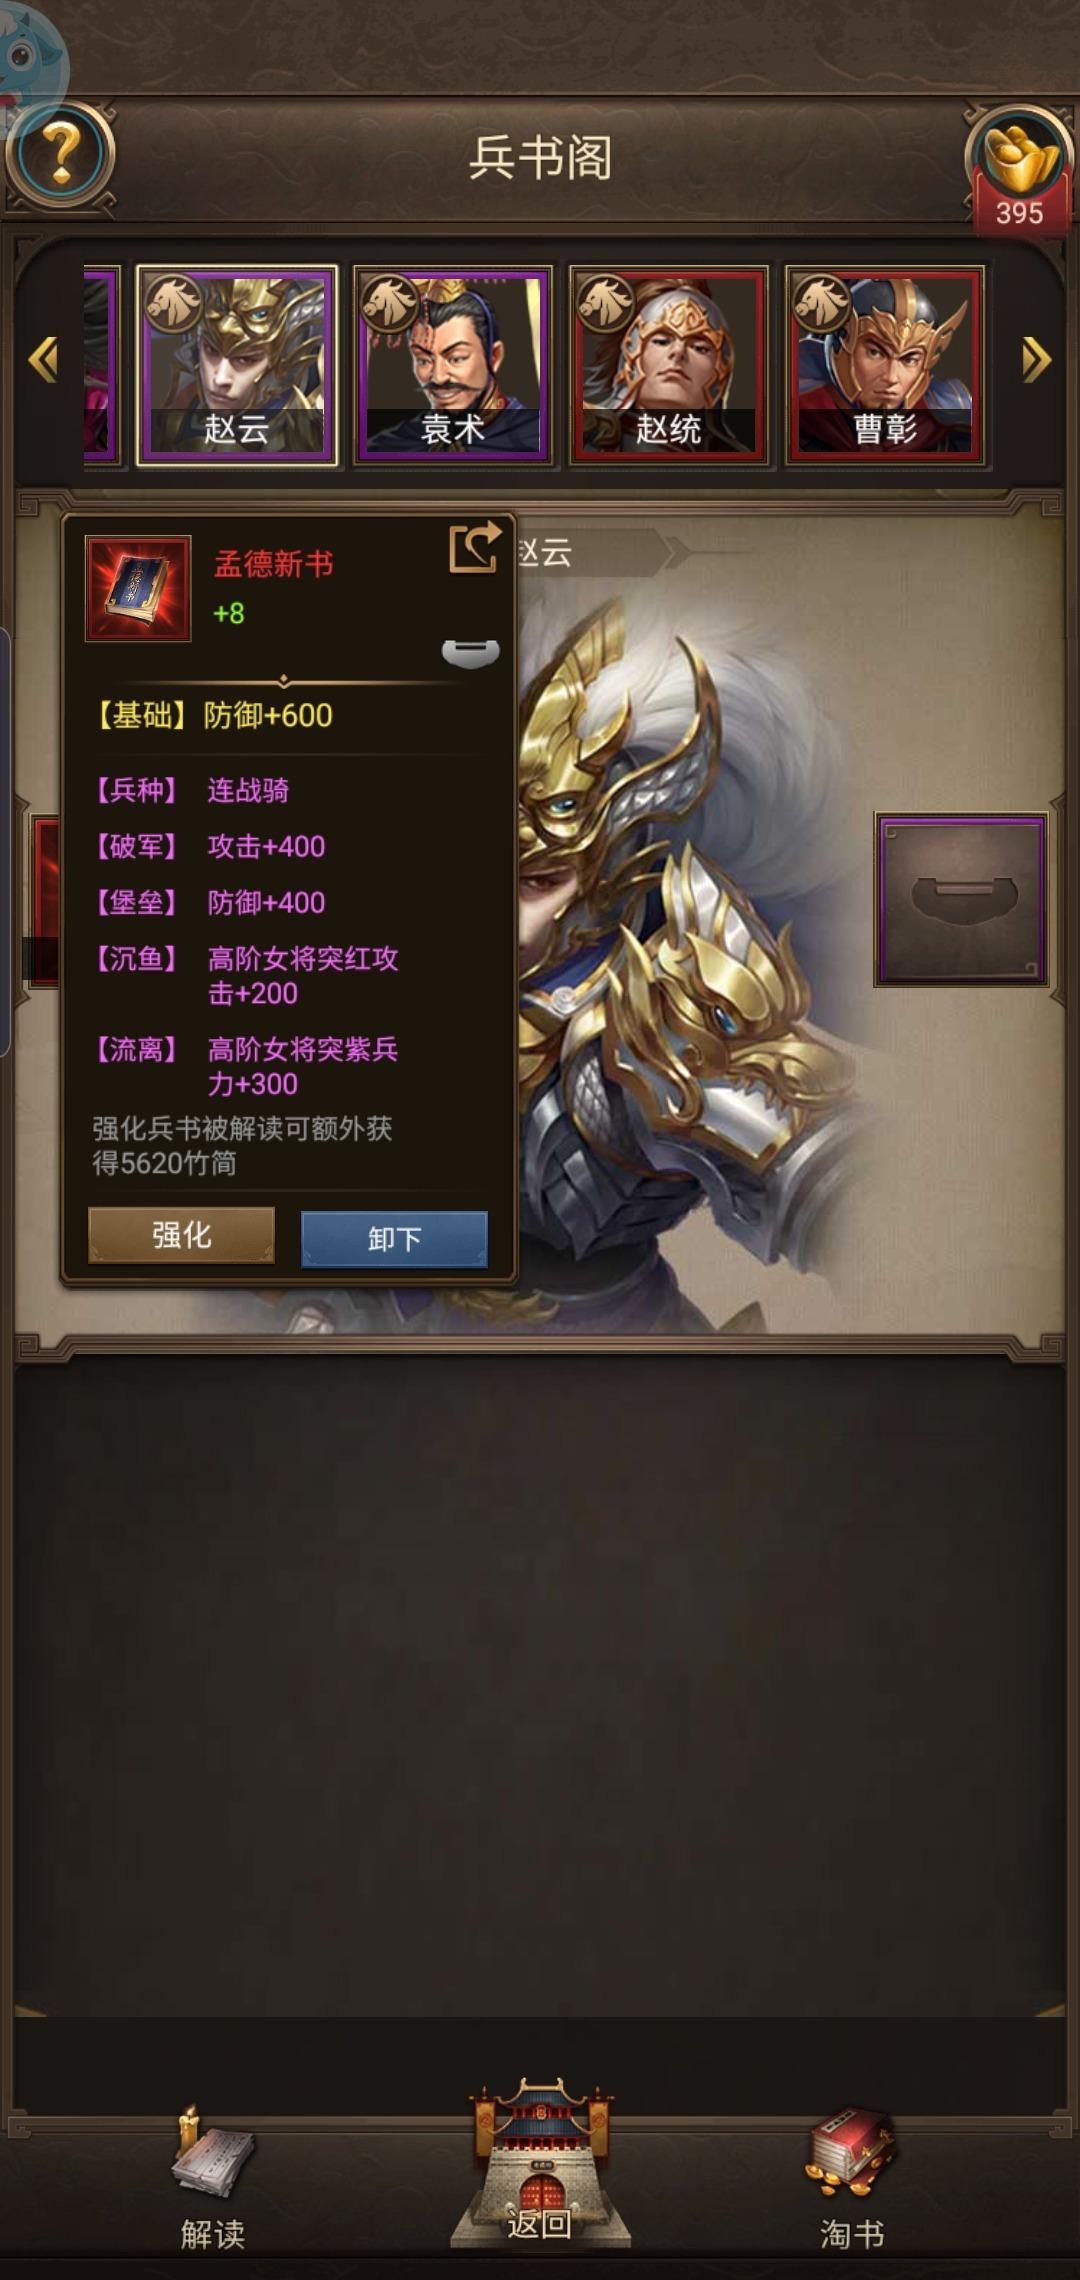 Screenshot_20191020-054058.jpg